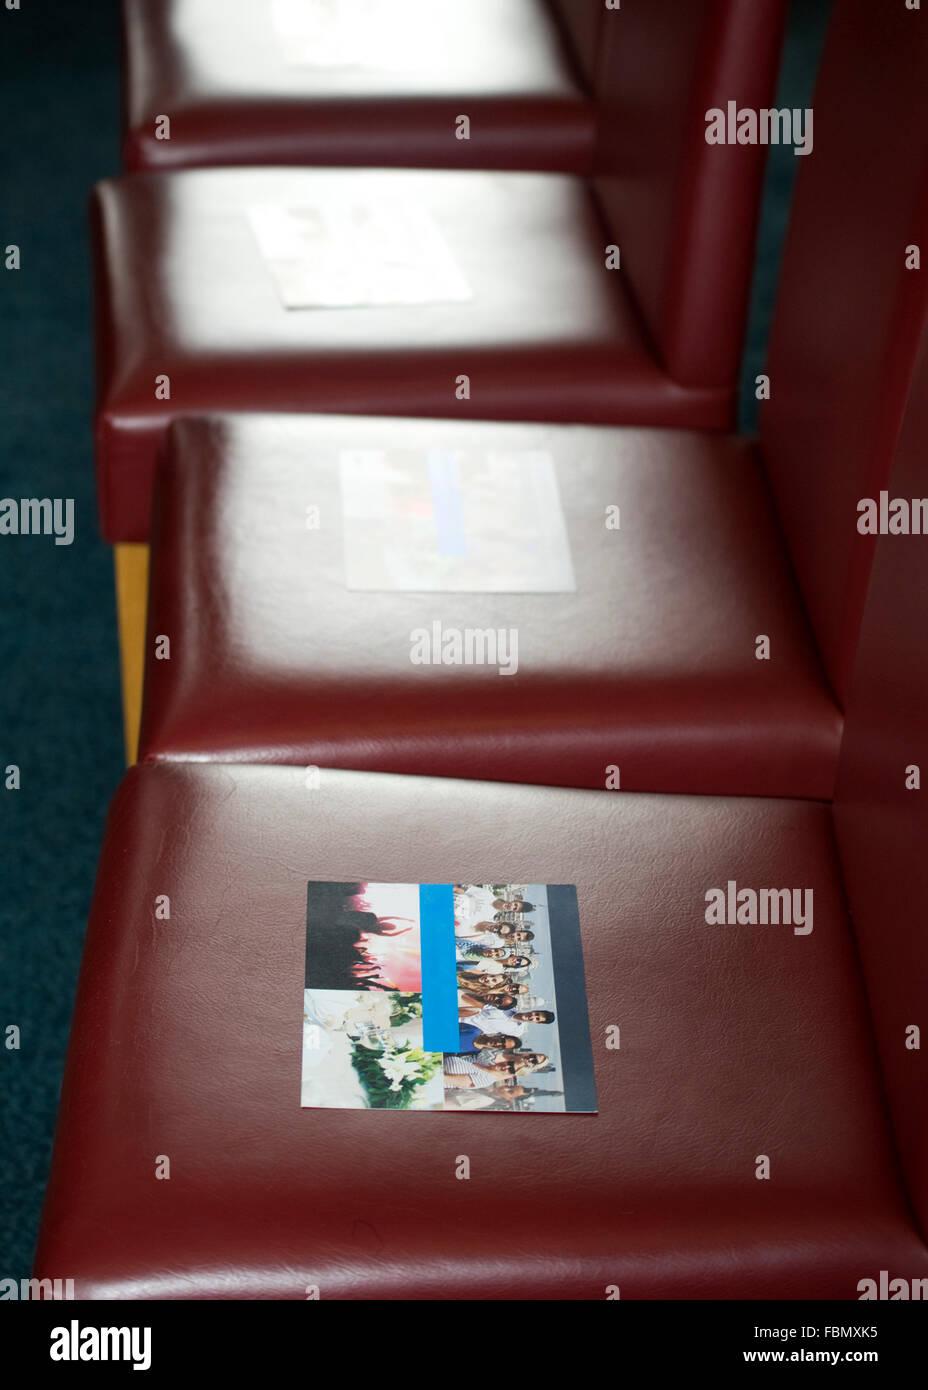 Rangée de chaises avec une brochure sur chaque chaise Photo Stock